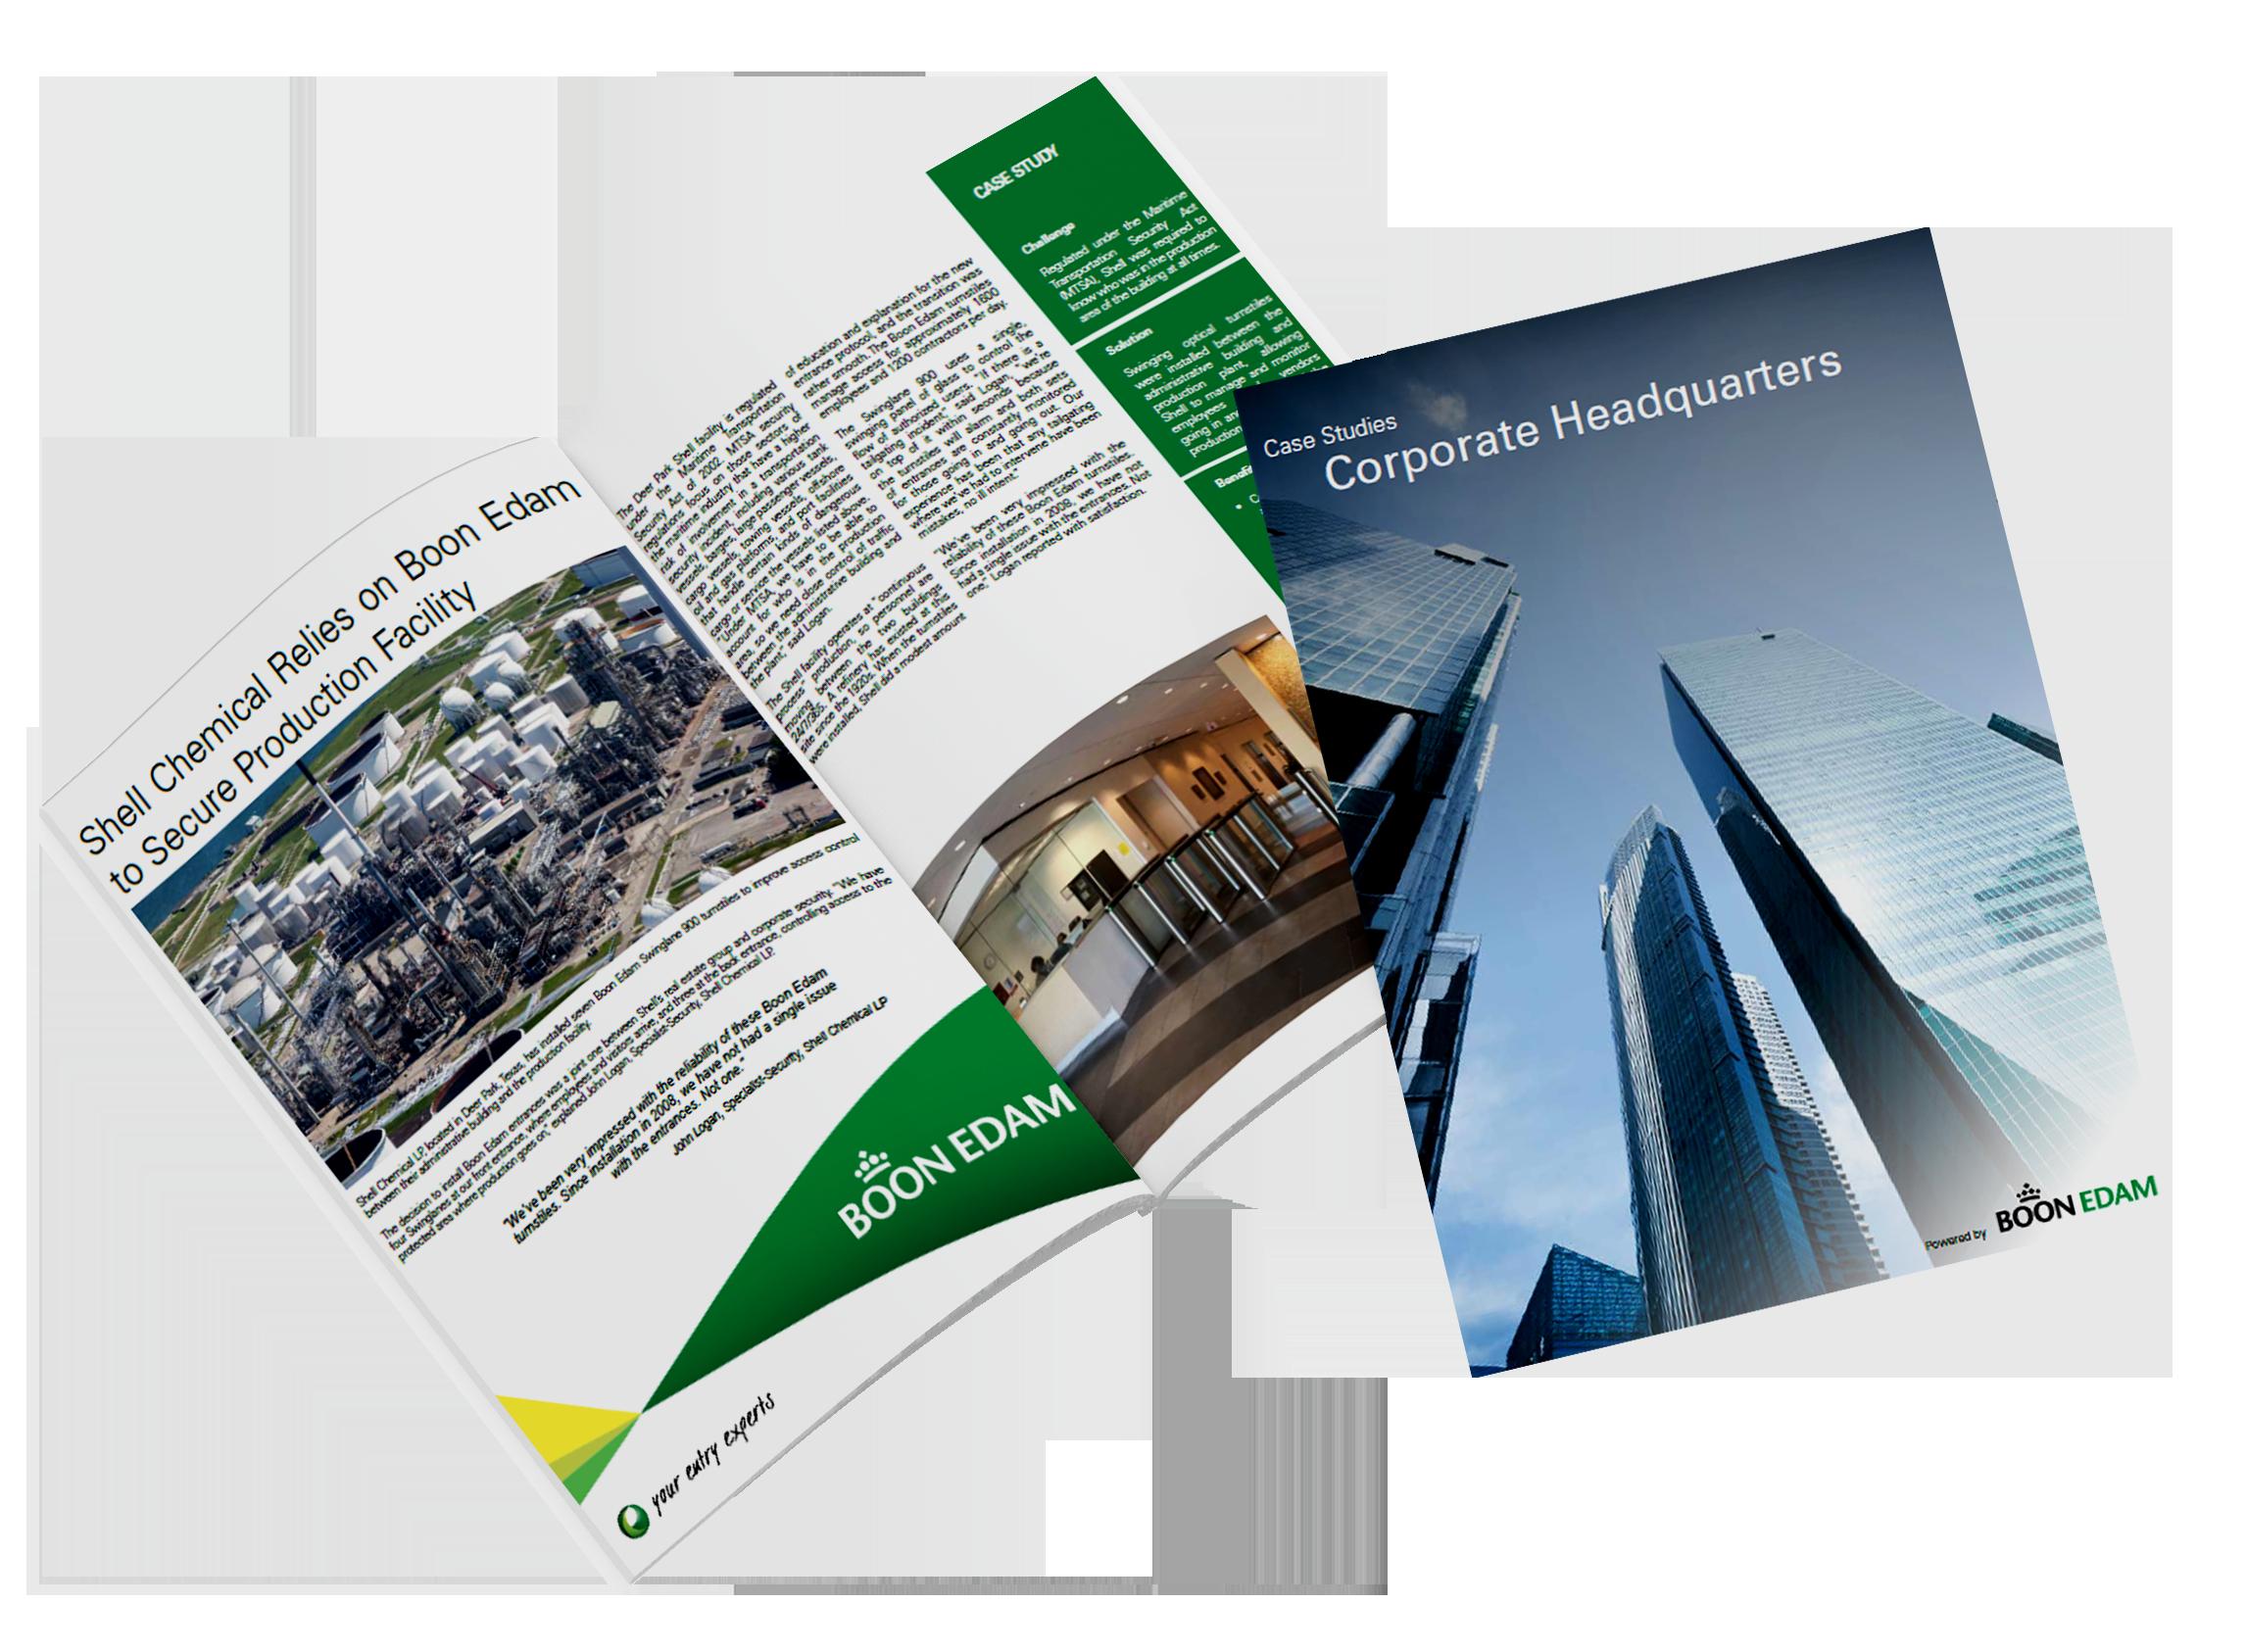 01_LP_Case Studies_Corporate Headquarters Compilation.png